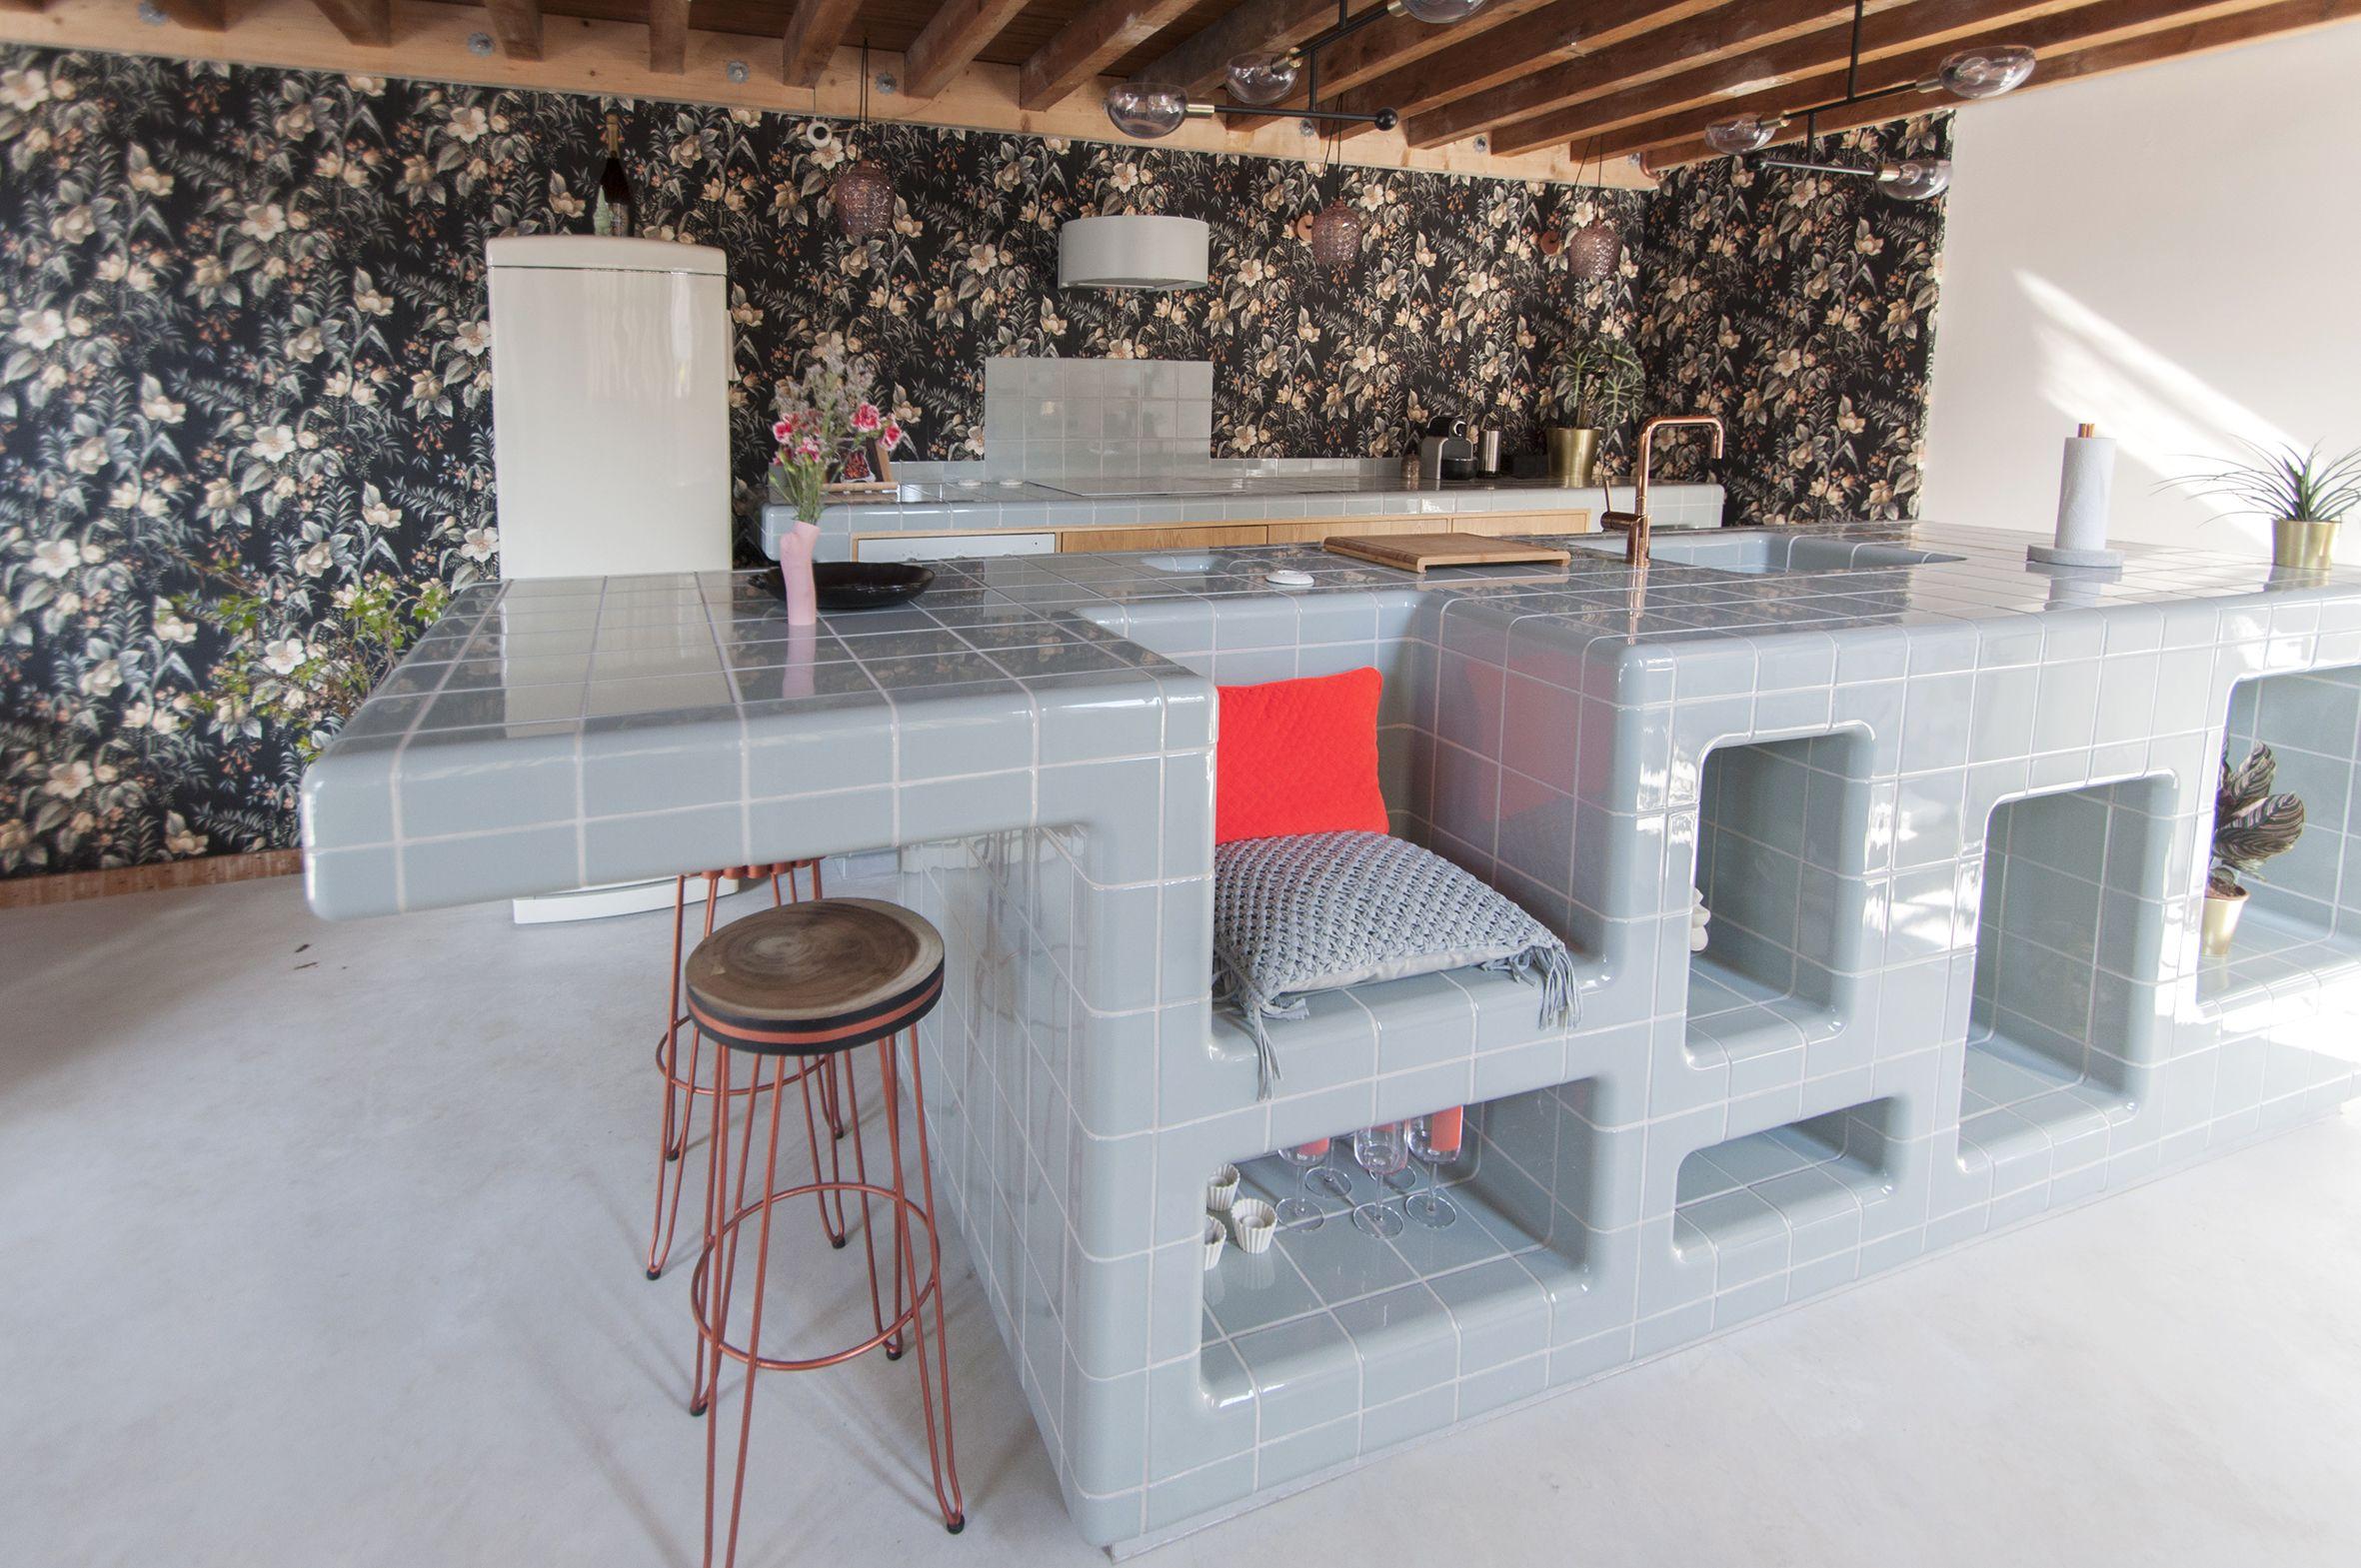 Dtile Le Carrelage Le Plus Polyvalant Du Monde Qui S Adapte A Vos Surfaces Carrelage Cuisine Decoration Maison Idee Cuisine